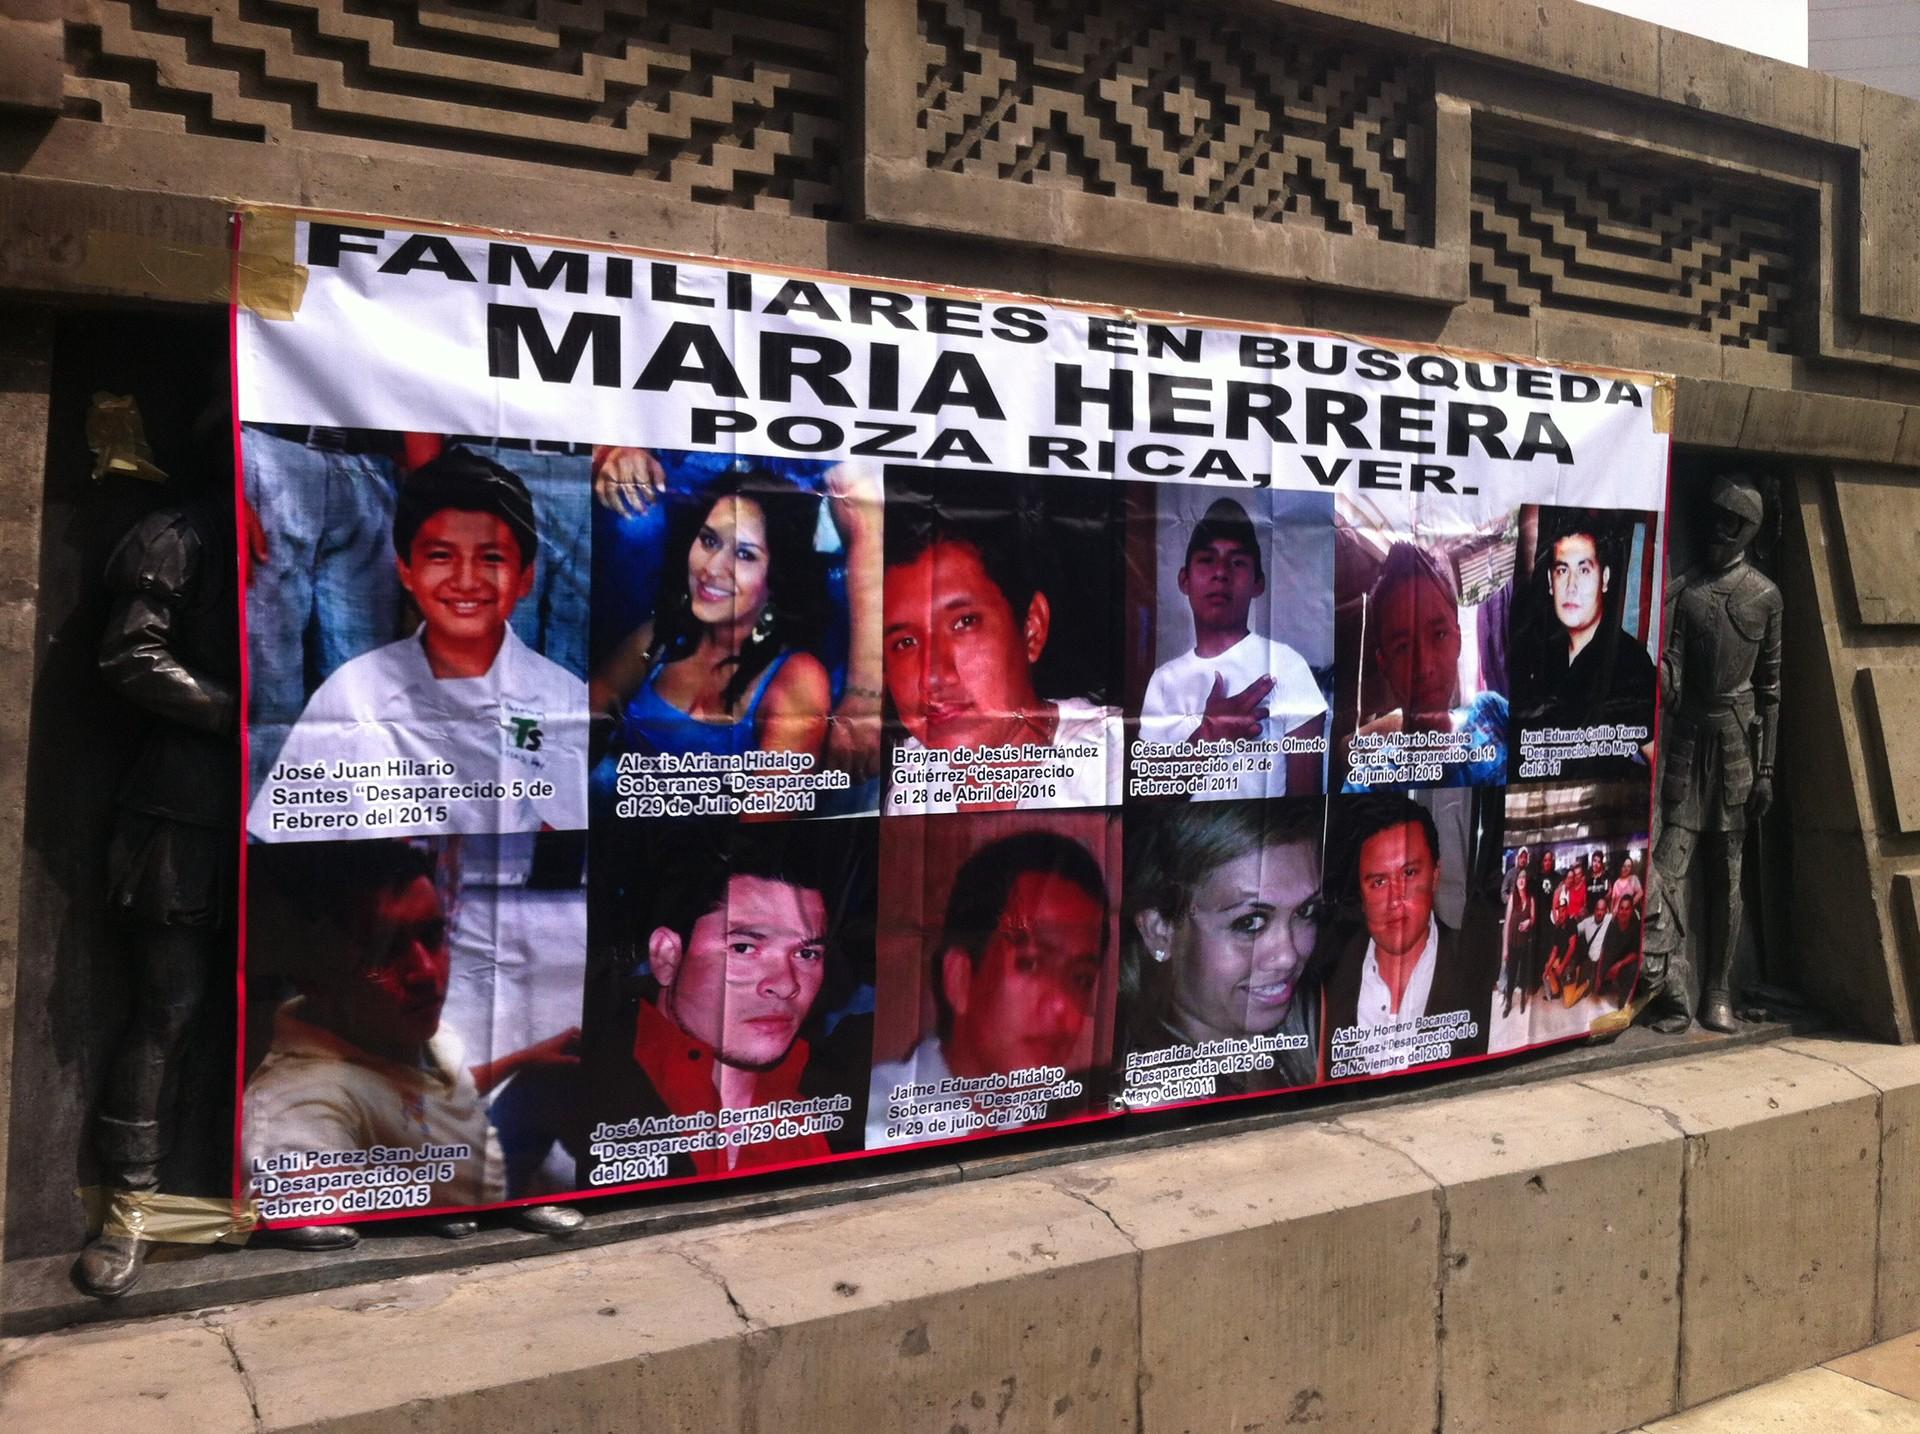 Imágenes de personas desaparecidas en Veracruz